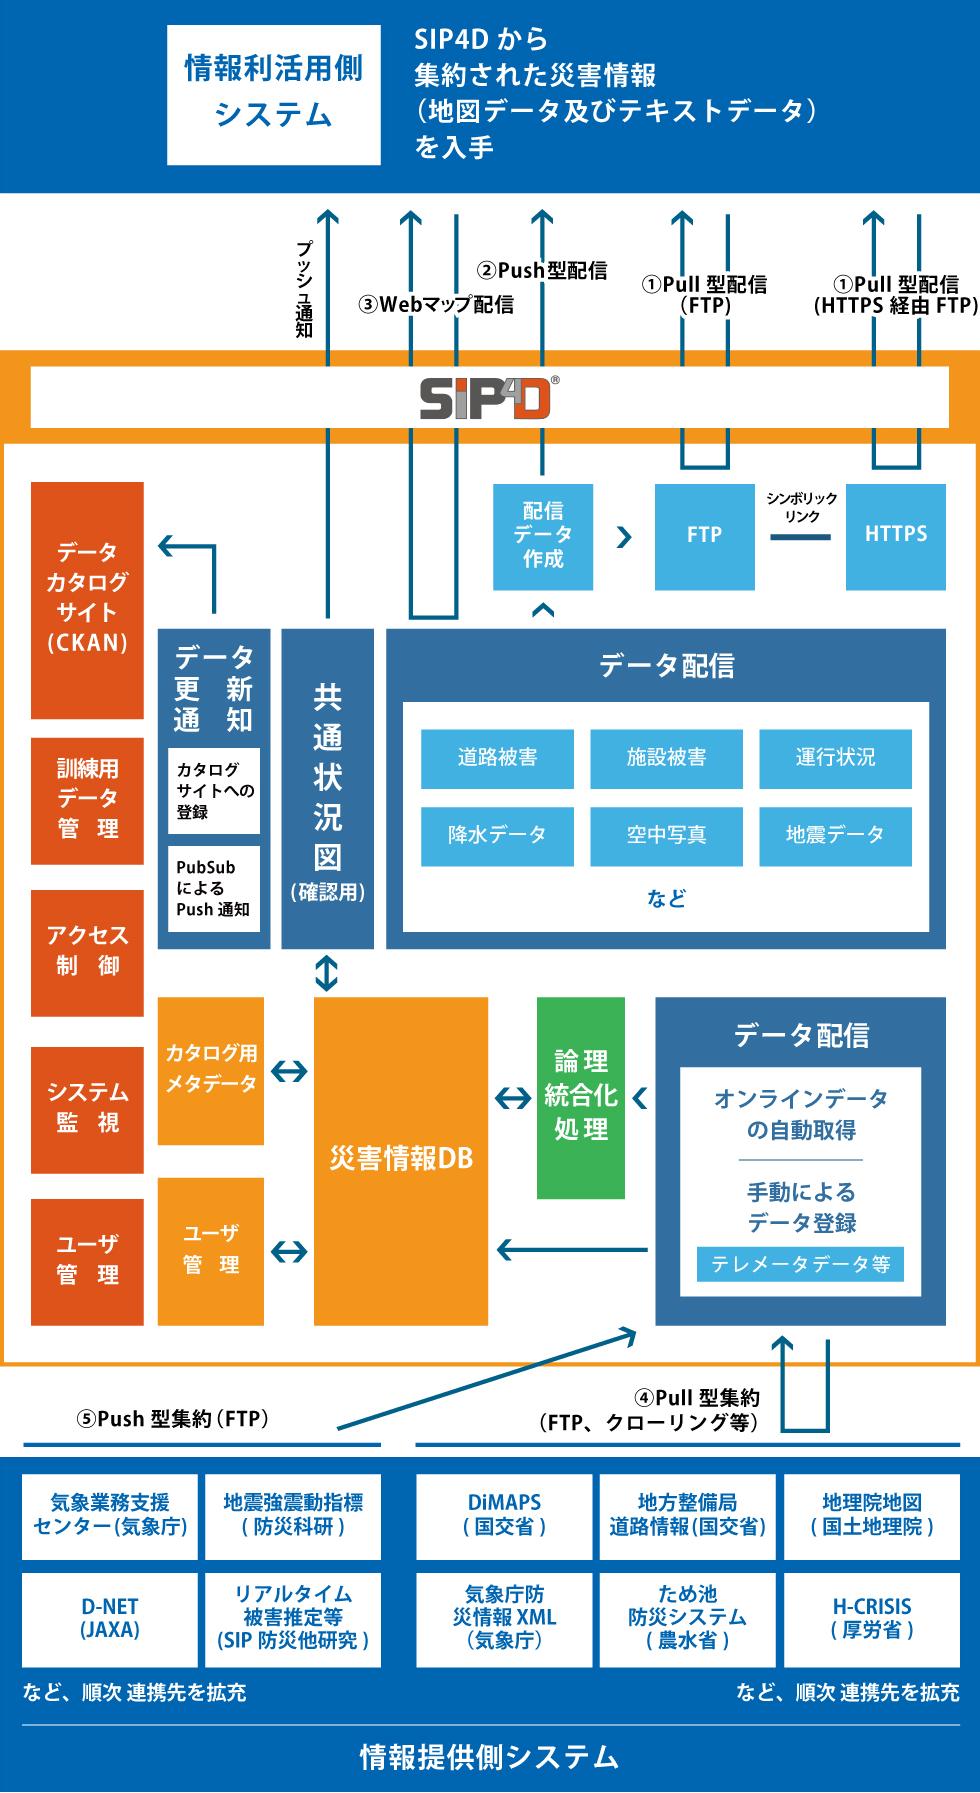 SIP4Dシステム連接の概要